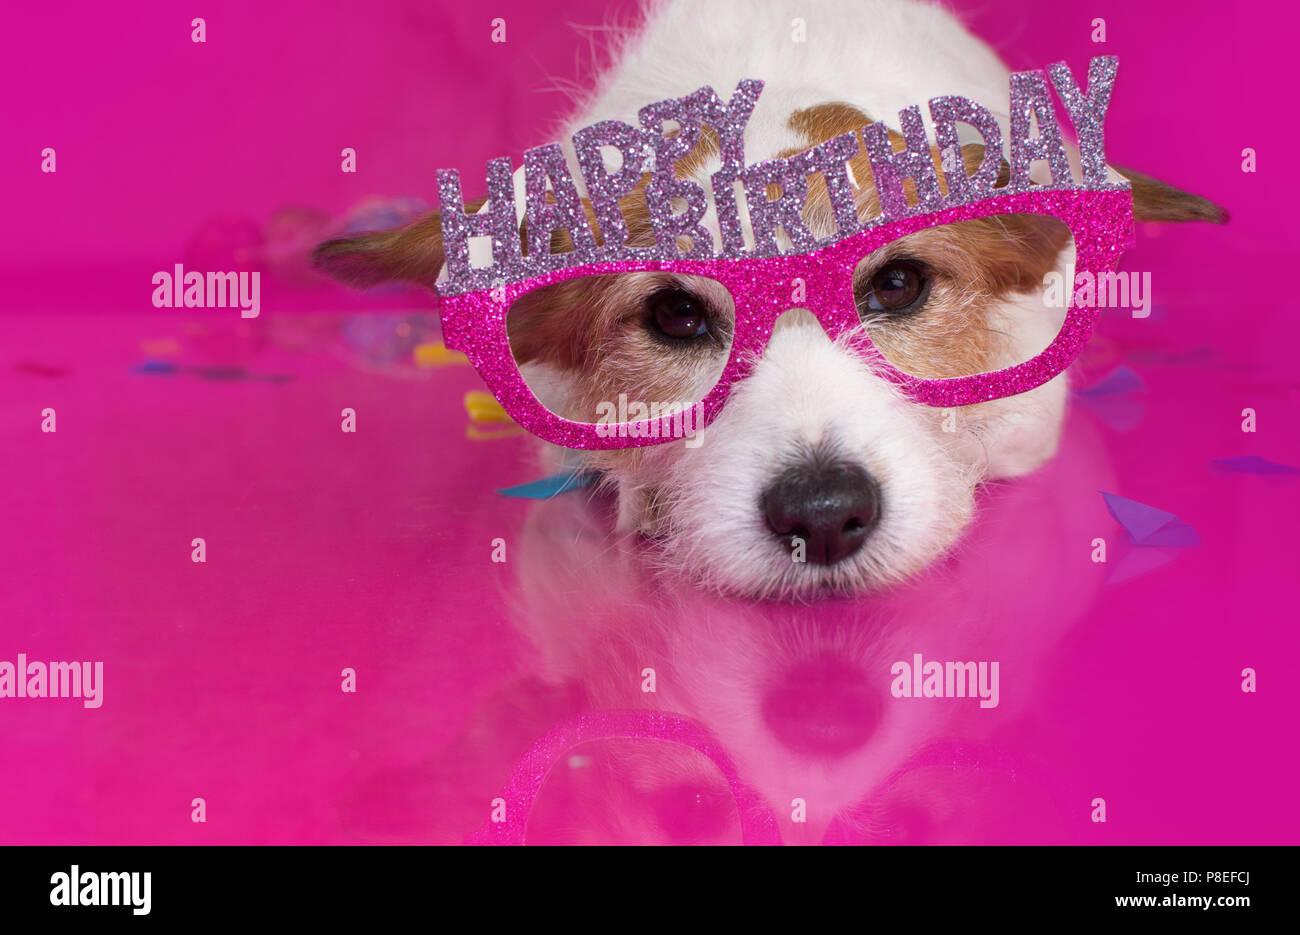 Cute Geburtstag Hund Feier Auf Rosa Hintergrund Liegend Stockfoto